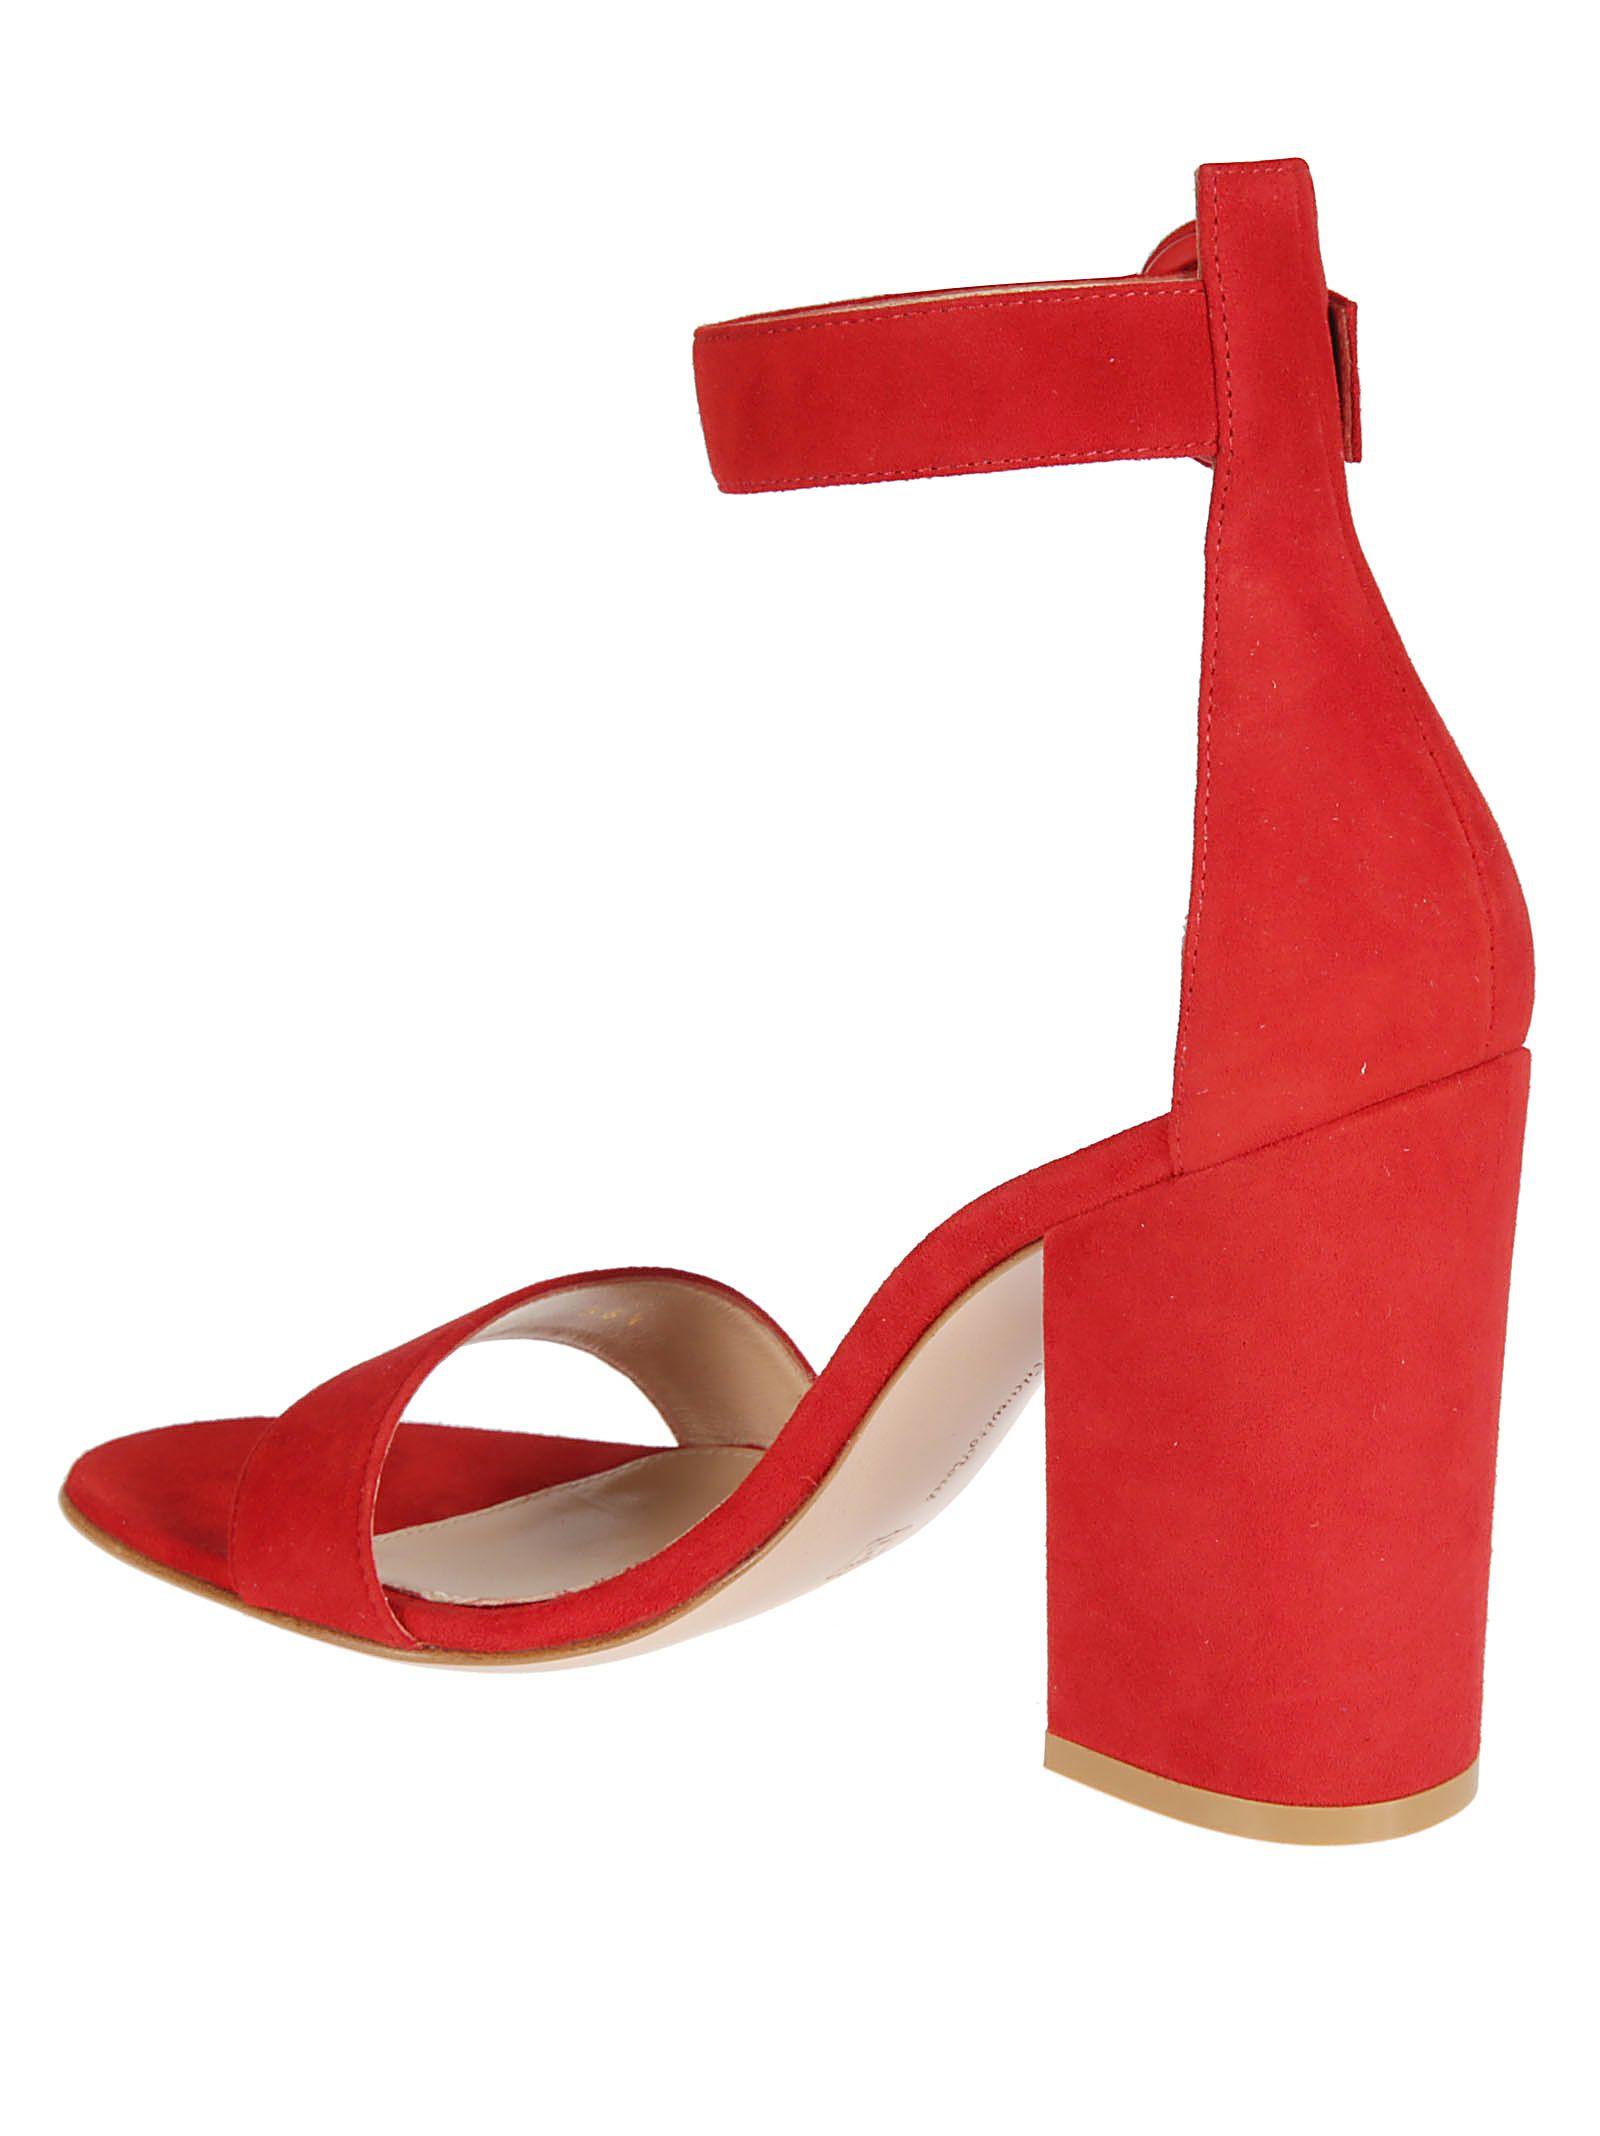 10617d254f0a Gianvito Rossi Gianvito Rossi Versilia Block Heel Sandals - Red ...